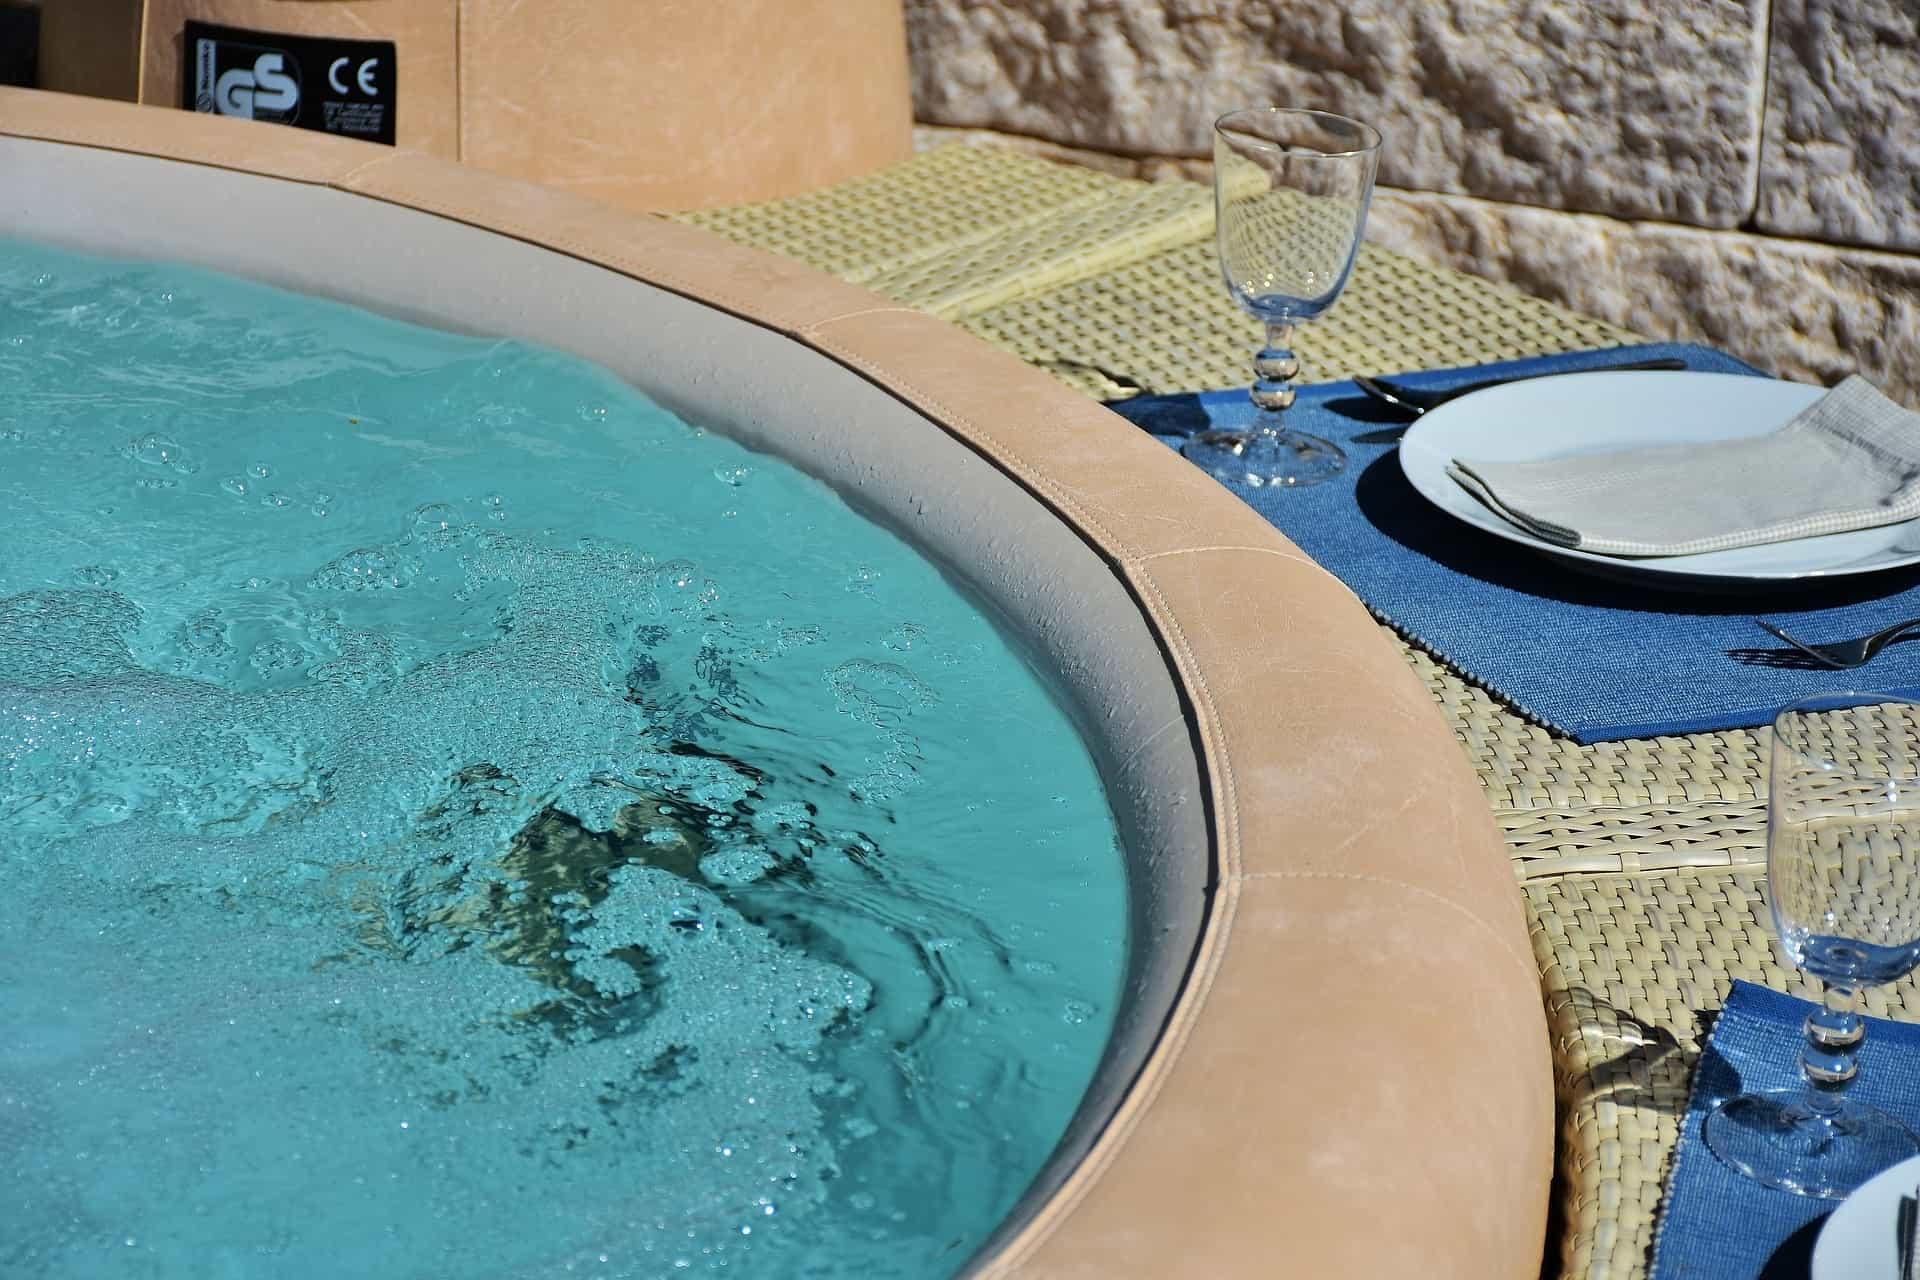 Full Size of Whirlpool Aufblasbar Aufblasbare Aldi Whirlpools Lohnt Sich Der Kauf Antwort Garten Wohnzimmer Whirlpool Aufblasbar